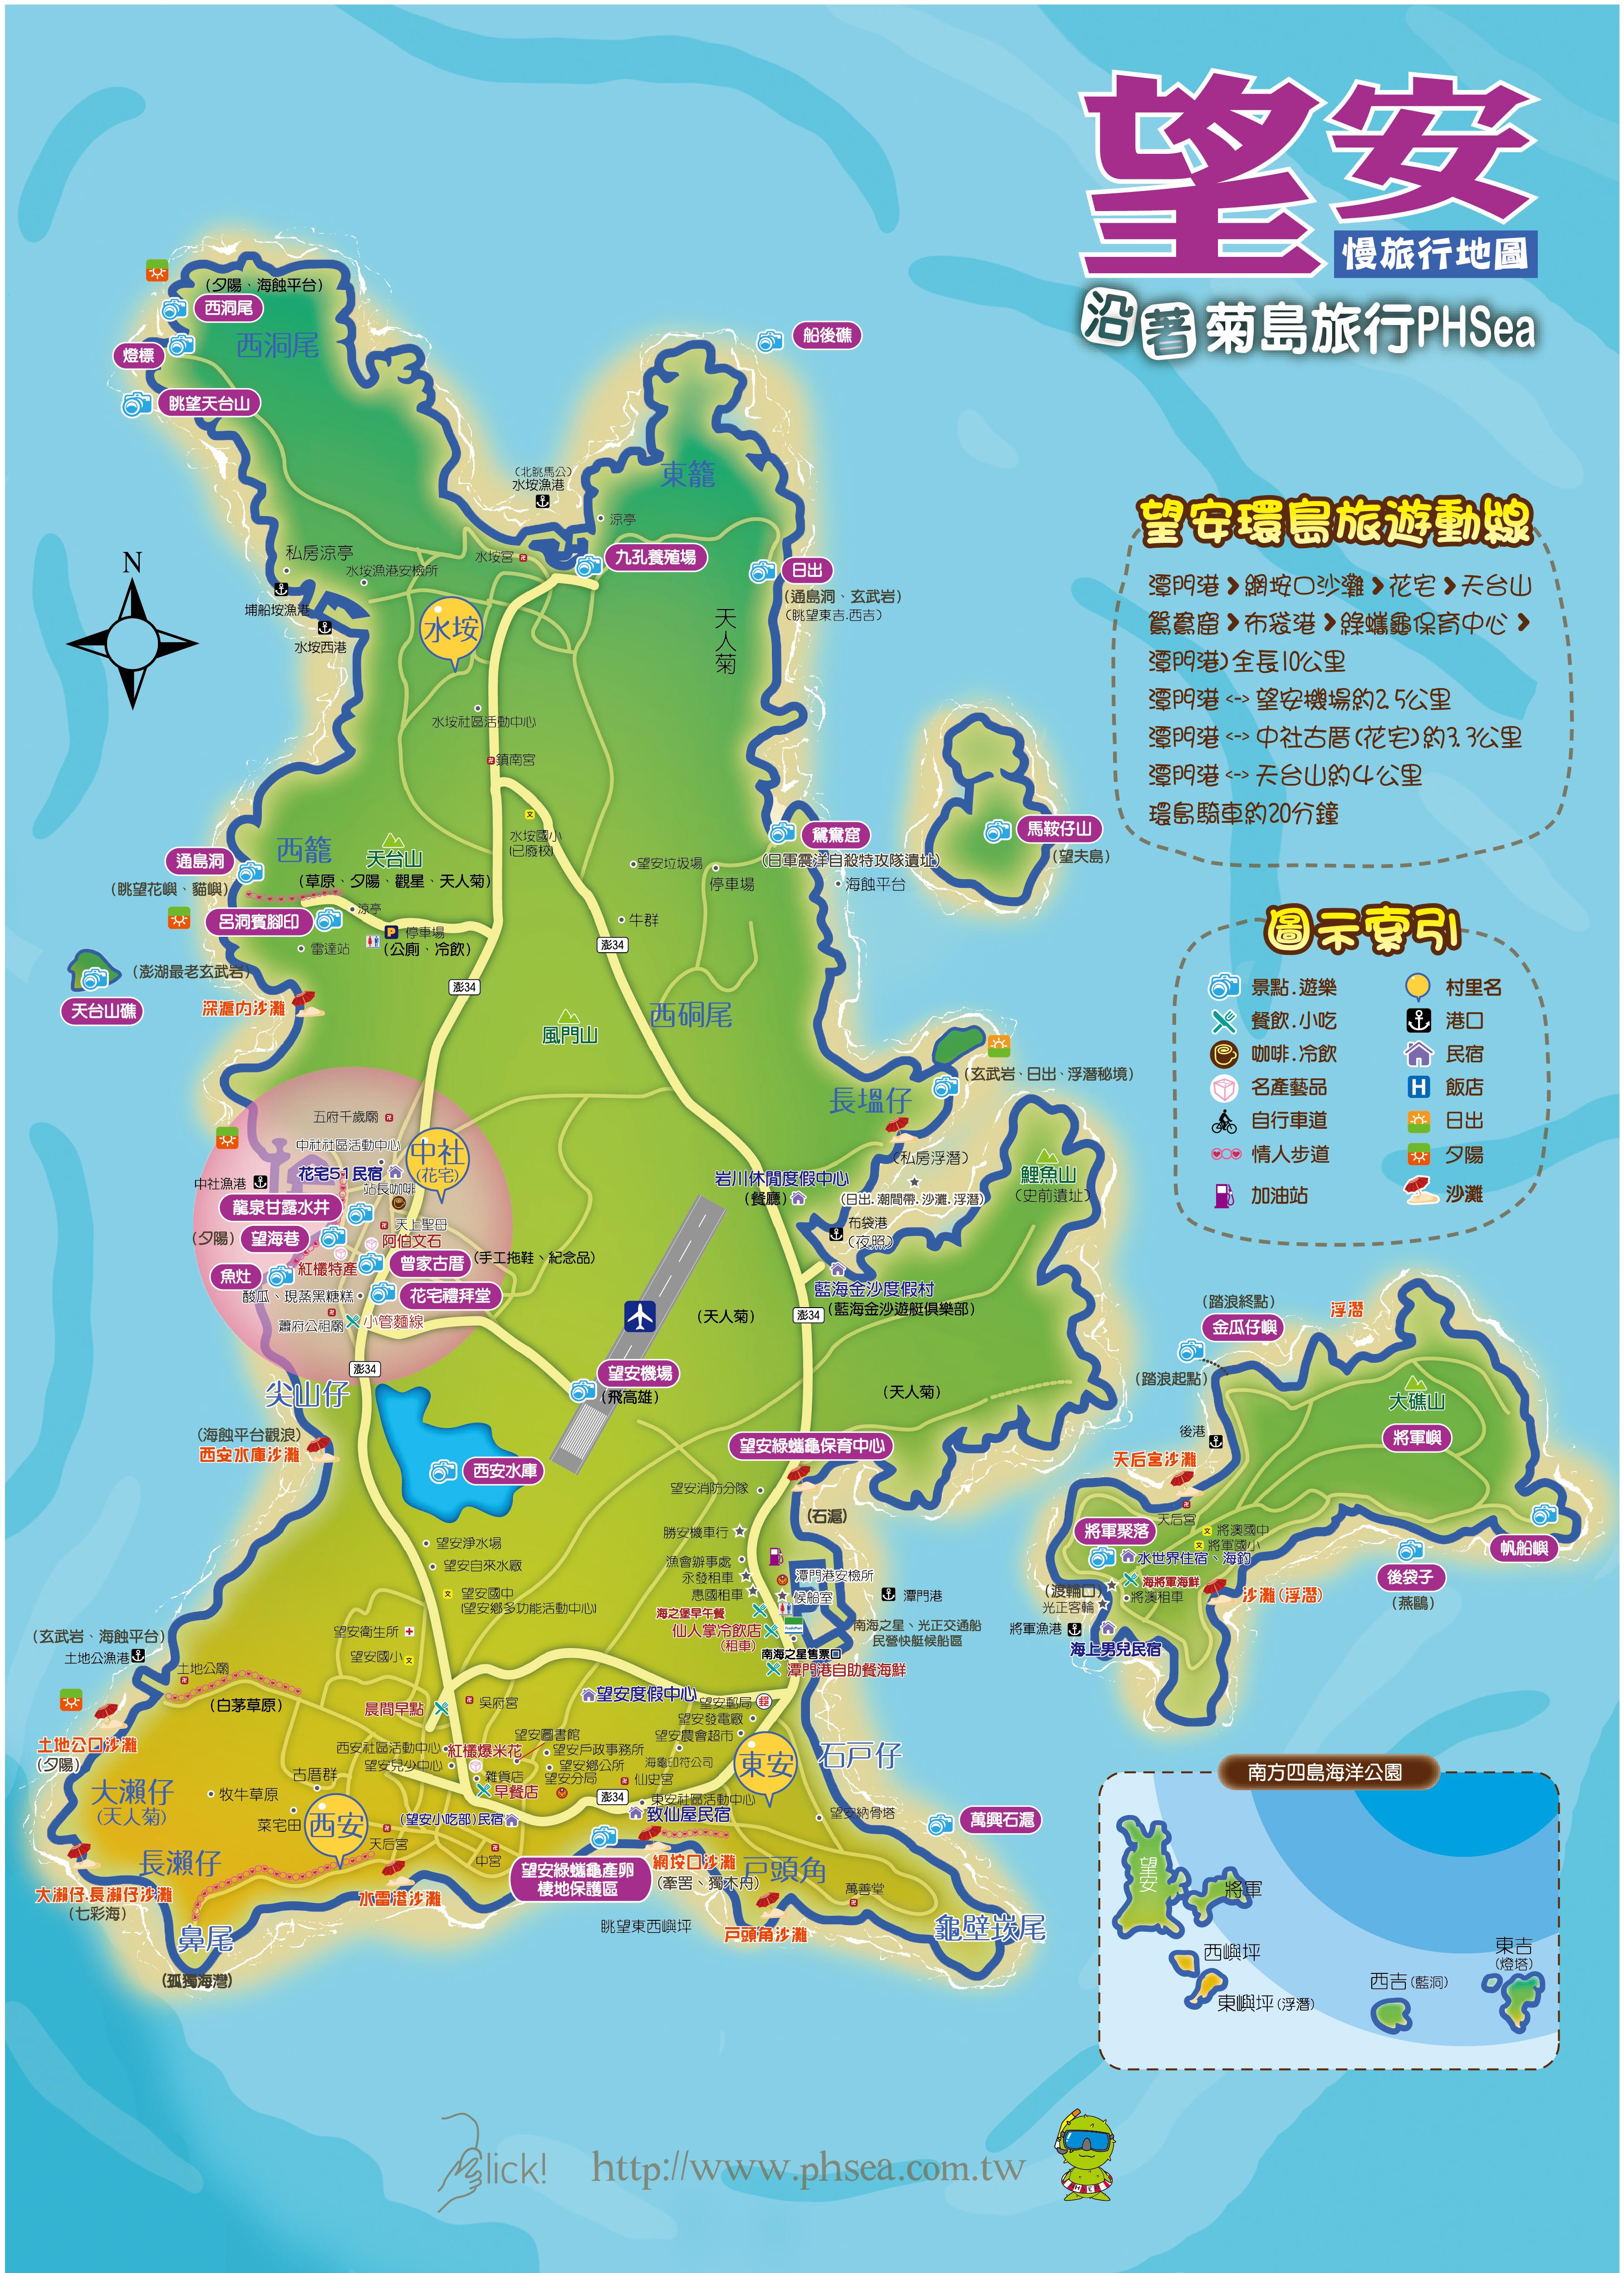 沿著菊島旅行--澎湖資訊網:UsefulInfo:澎湖地圖-望安地圖 - PH-Sea